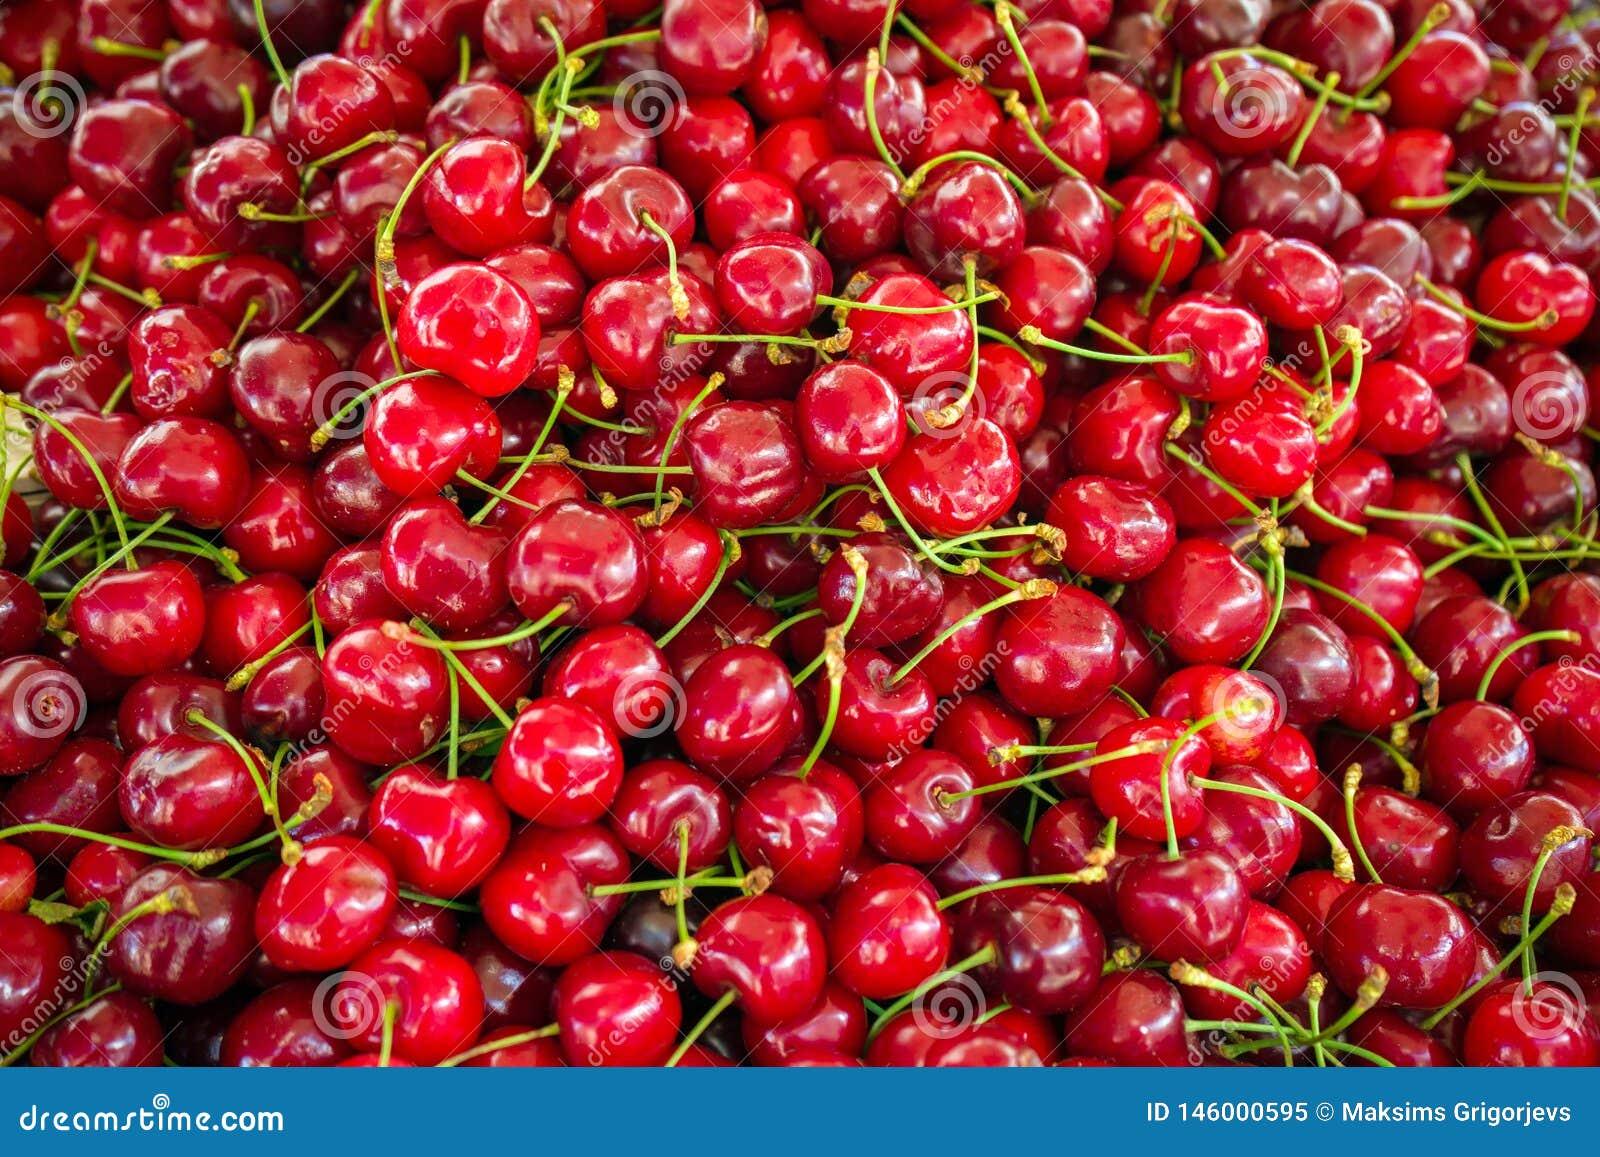 Cerises rouges avec des tiges sur le marché en plein air